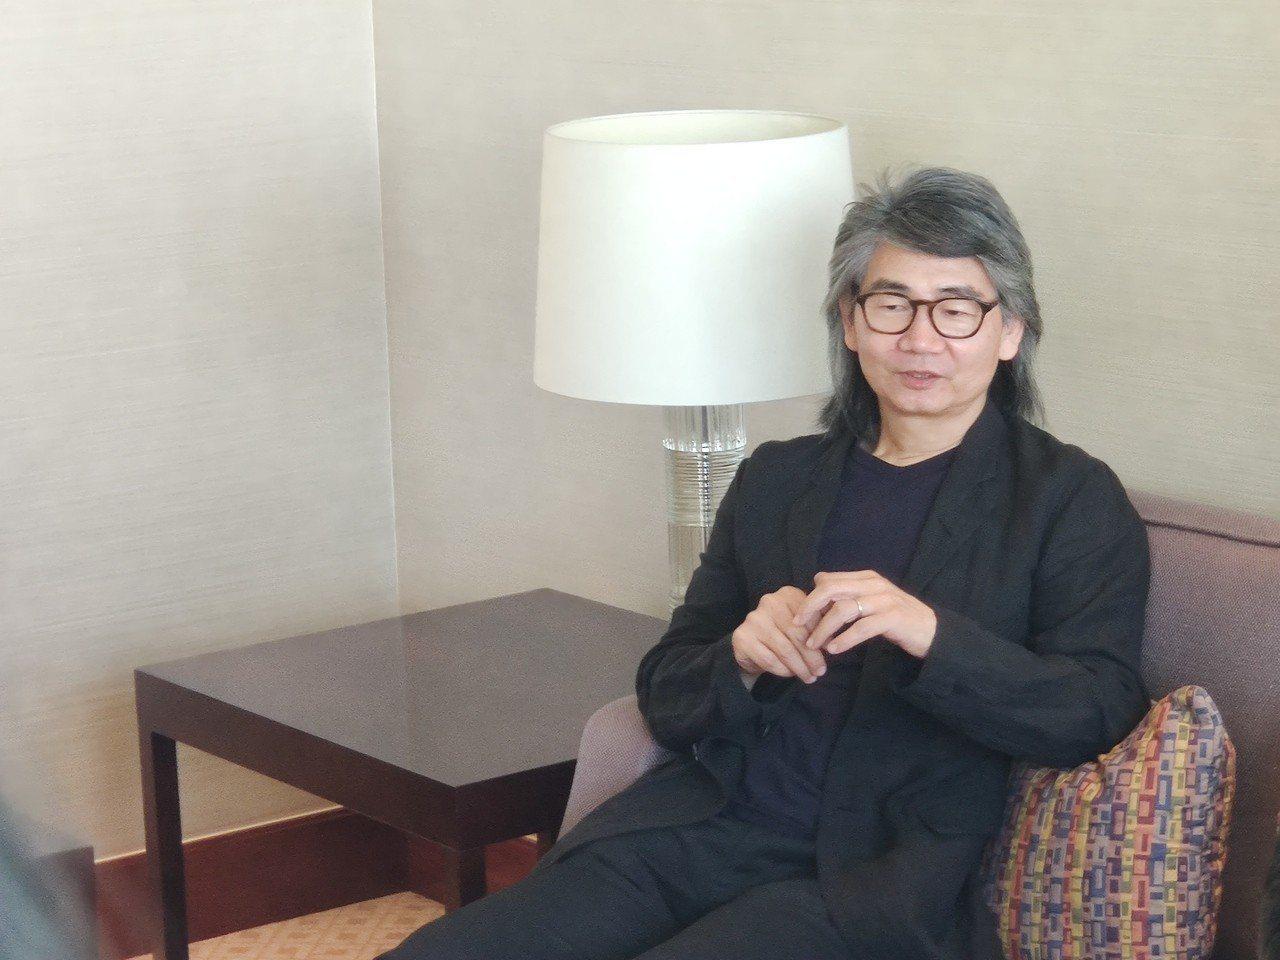 漫畫家朱德庸。江蘇發展大會方面提供